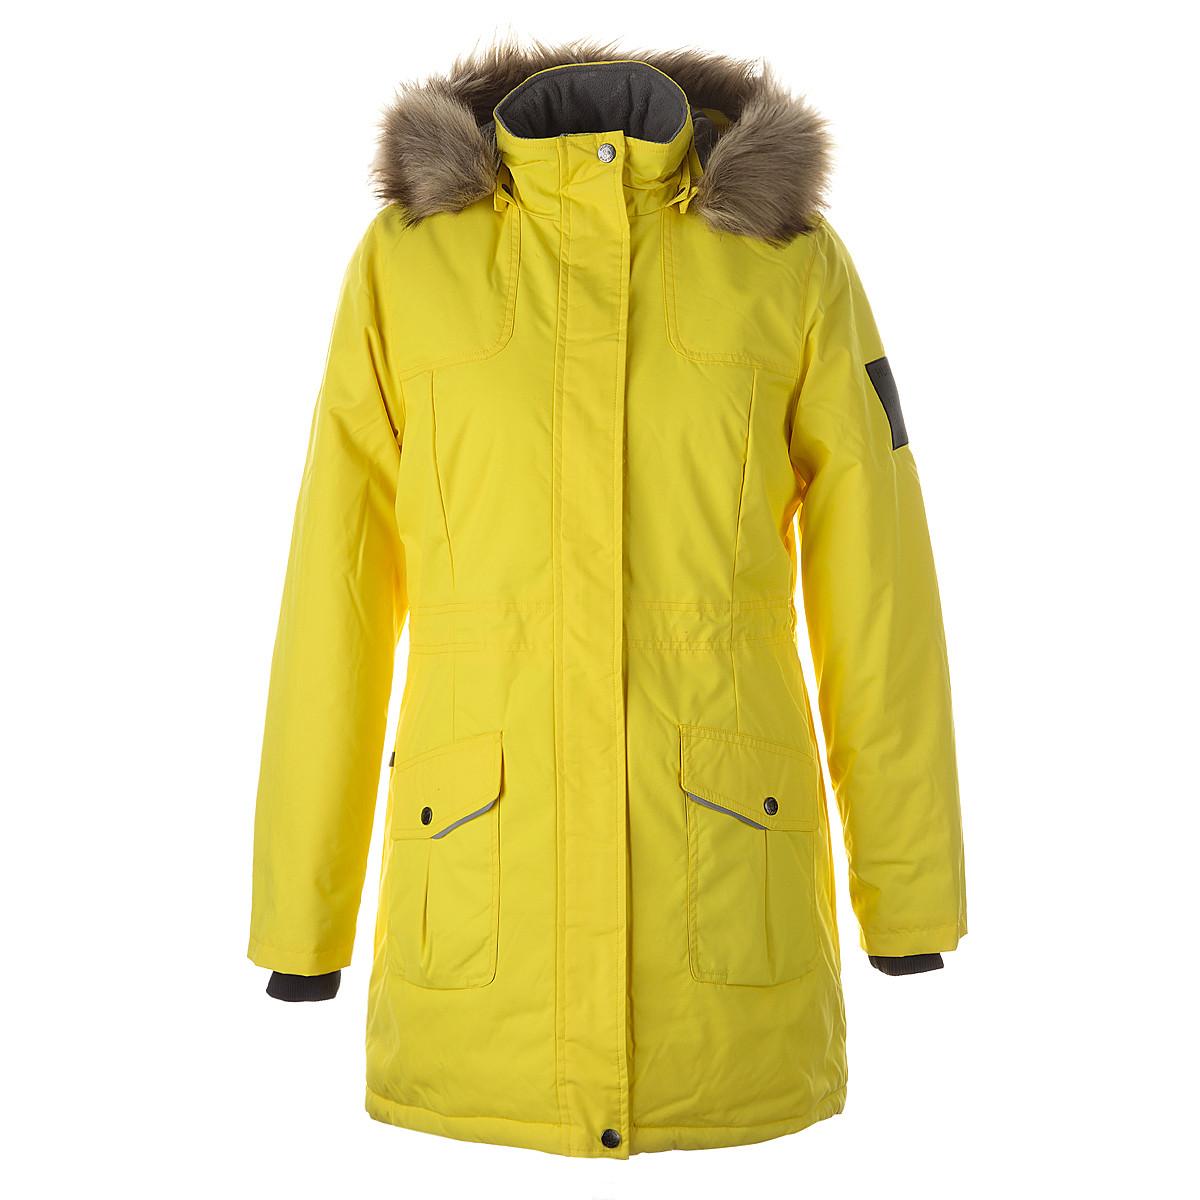 Пальто для женщин MONA 2, жёлтый XL